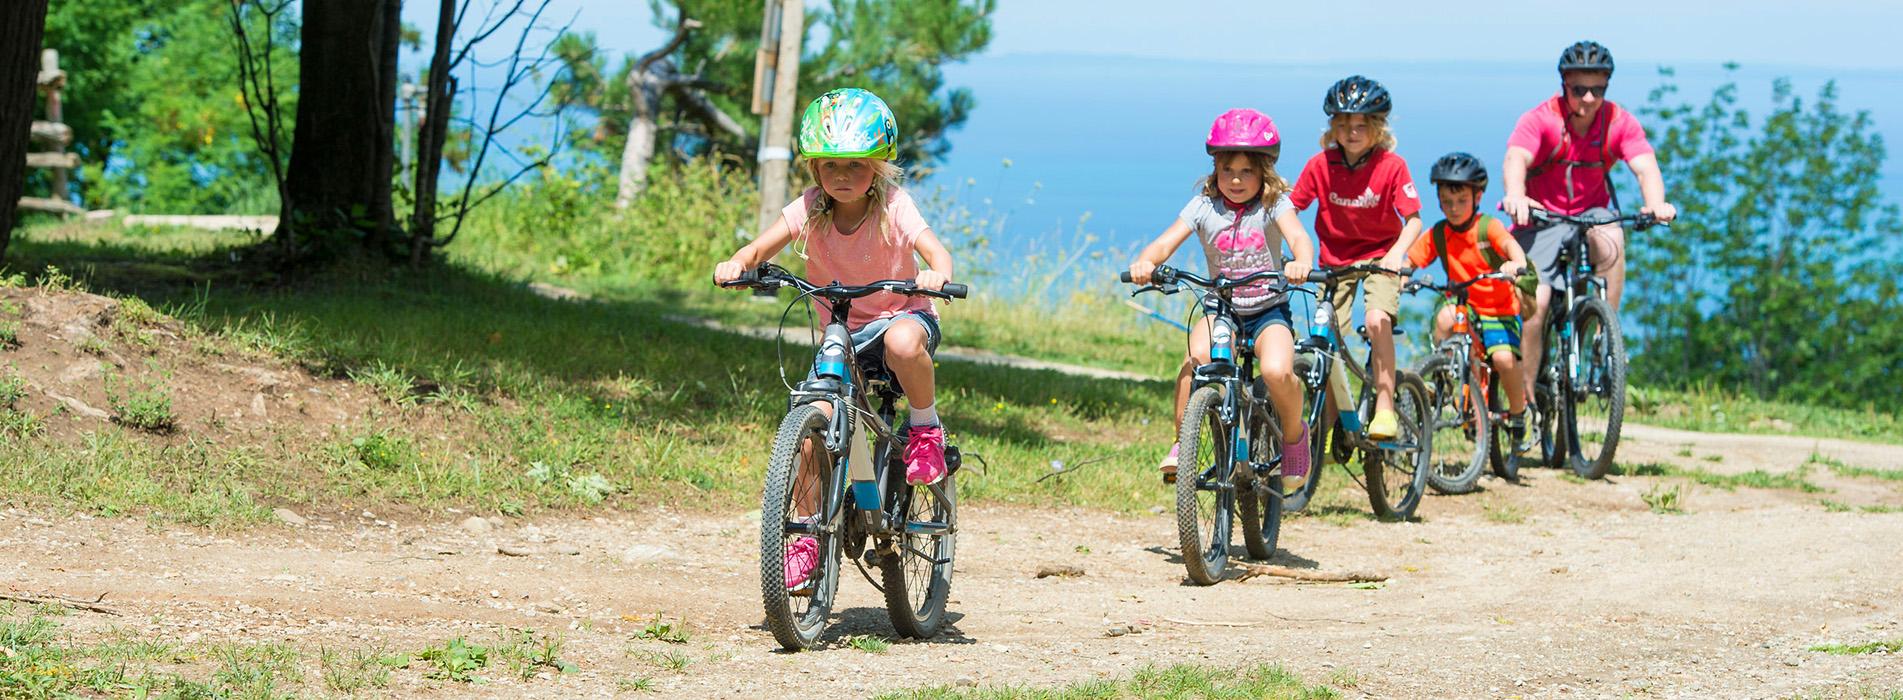 childrens cycle helmet c01